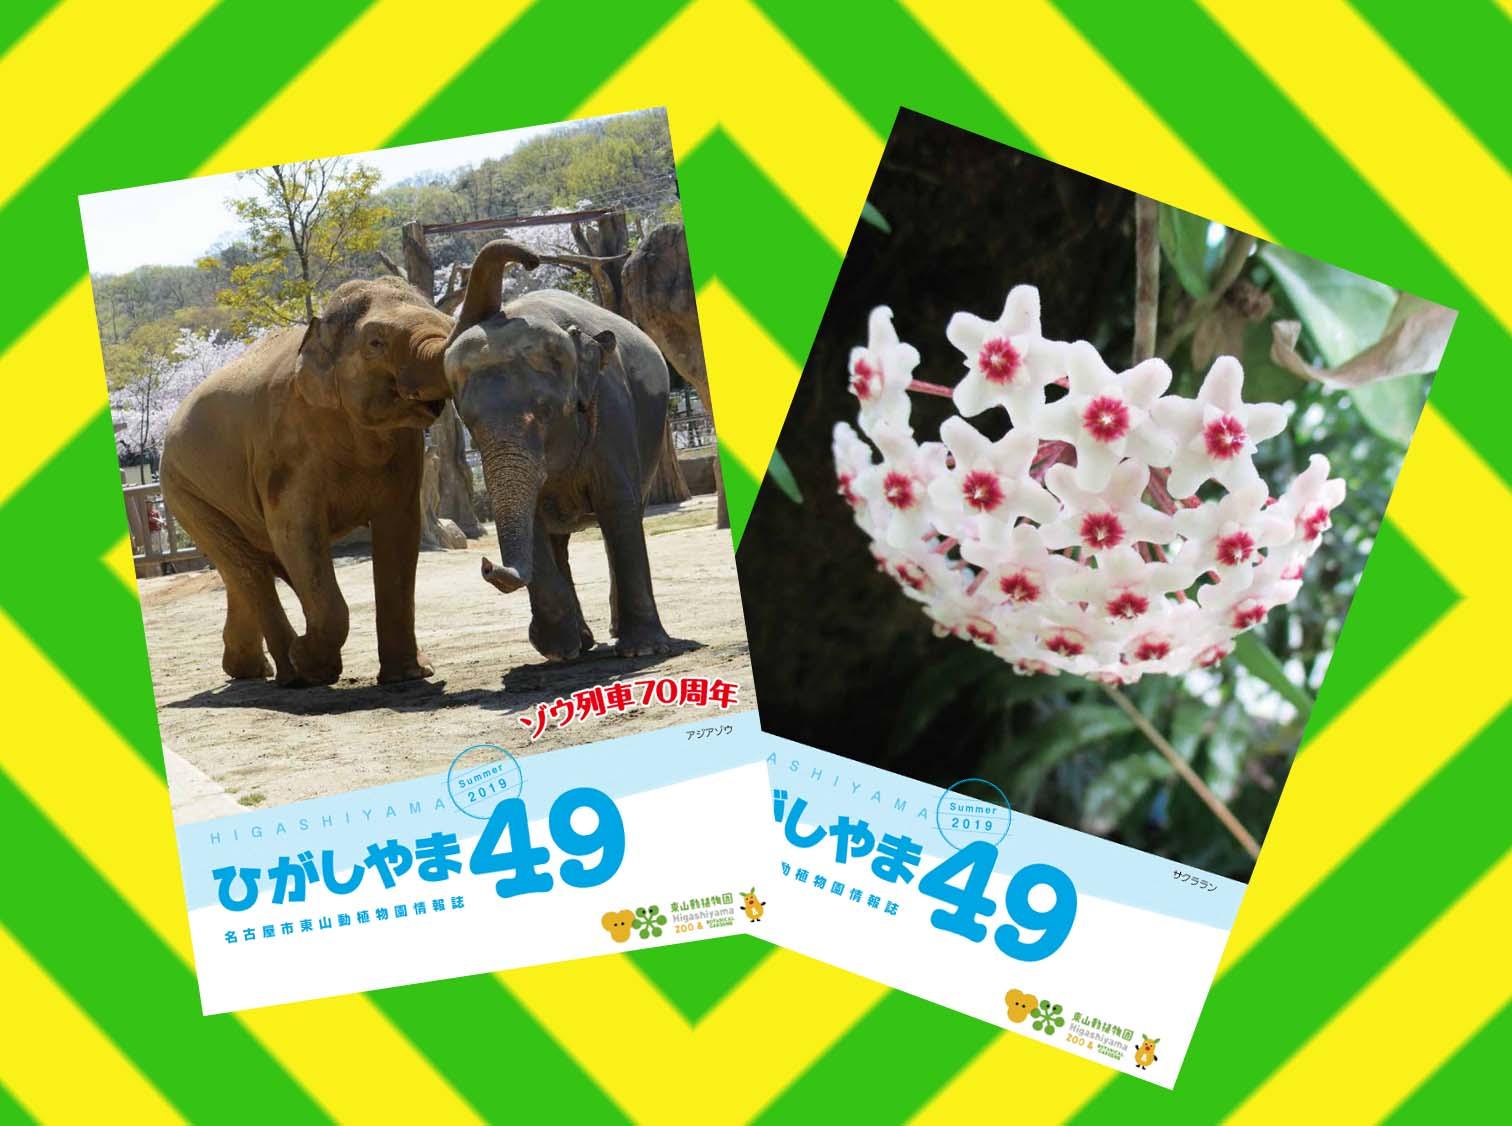 東山動植物園の情報誌ひがしやま49号を発行しました